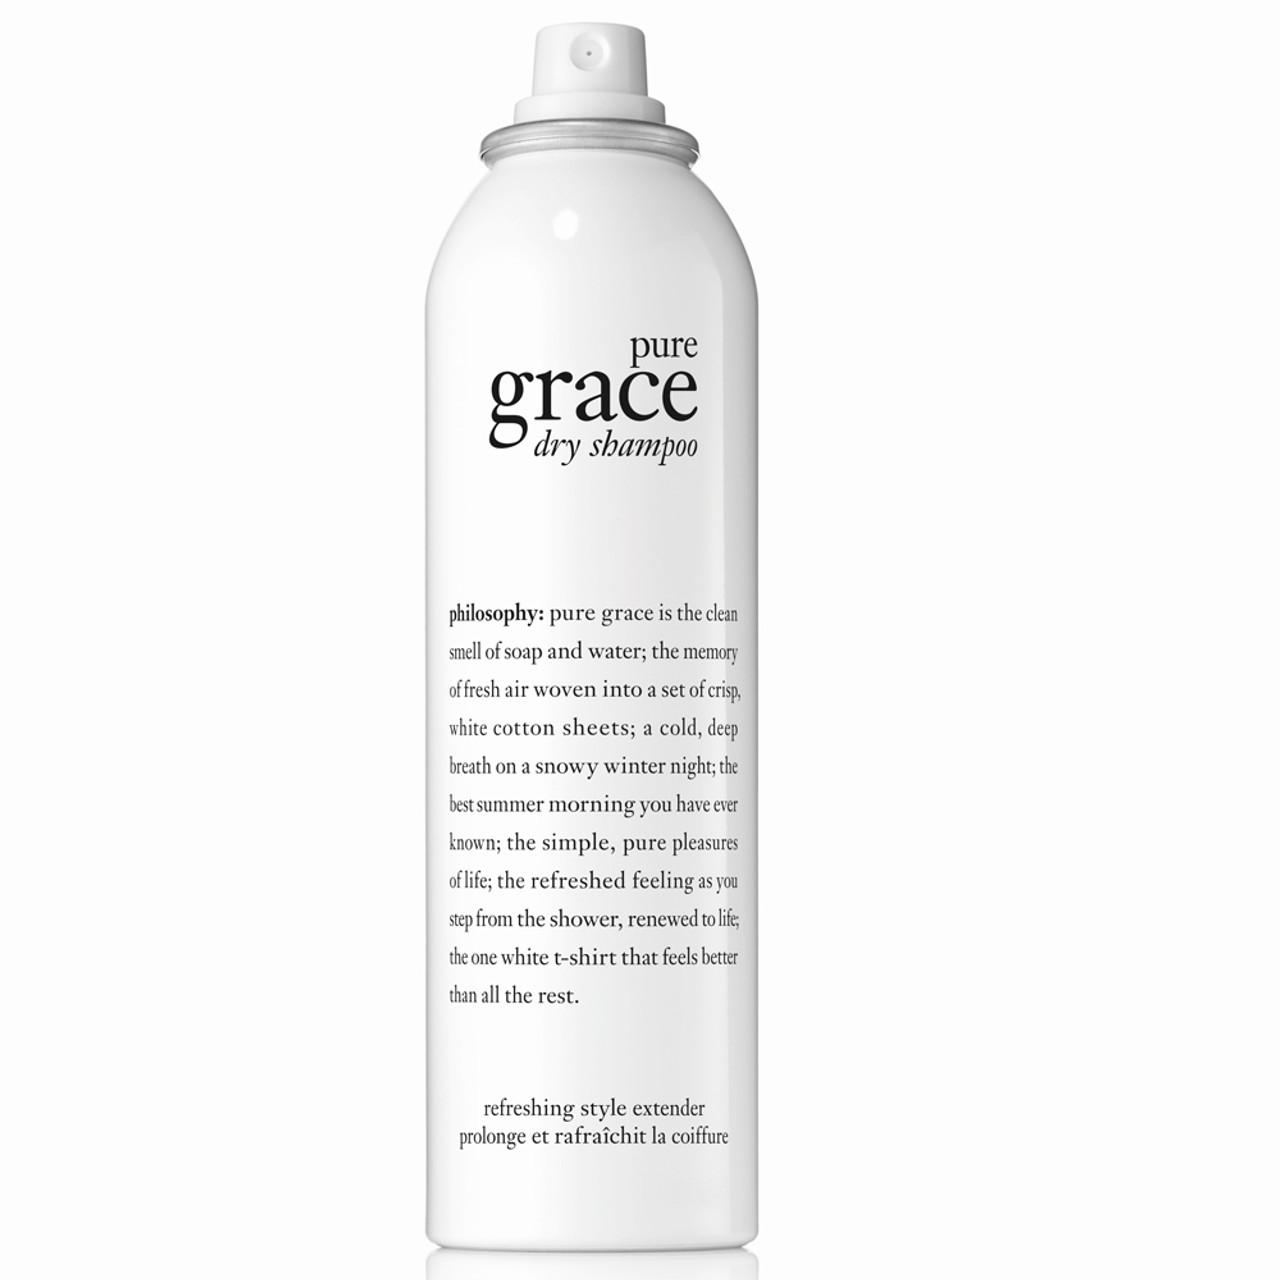 philosophy Pure Grace Dry Shampoo BeautifiedYou.com